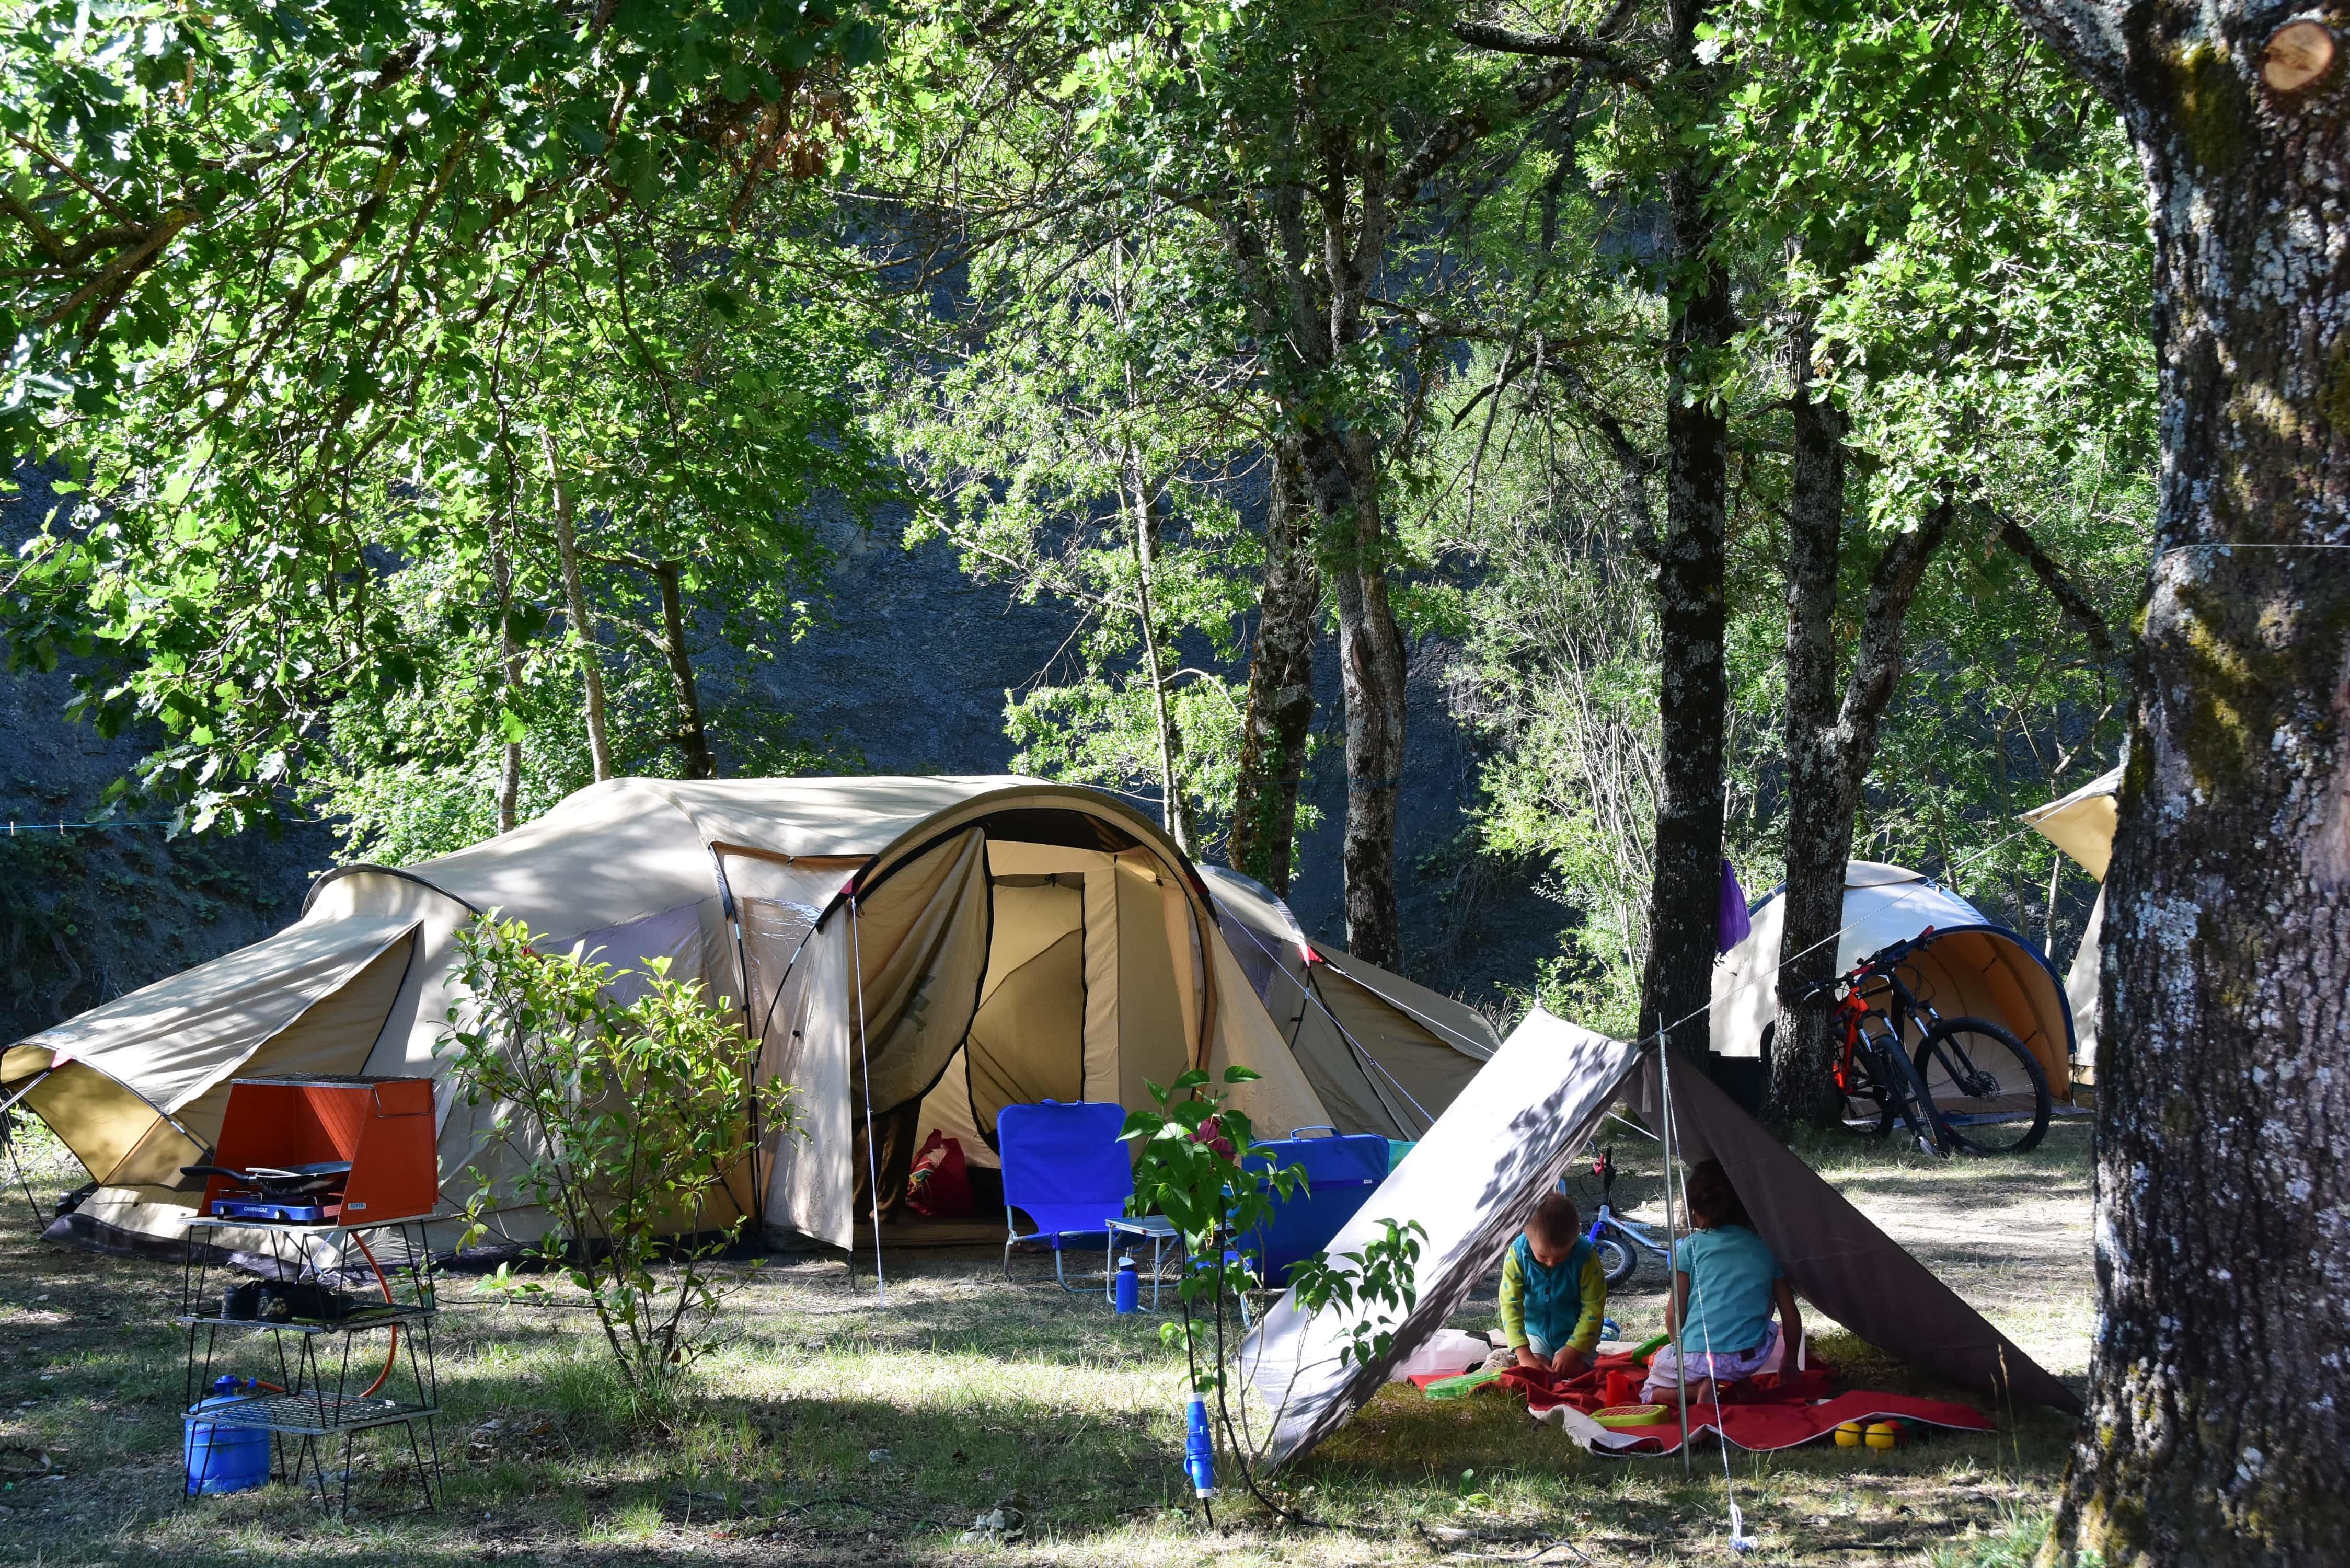 Emplacement - Forfait Emplacement Nature Et Espace  Jabron (Avec Électricité) - Camping Sites et Paysages La Source du Jabron